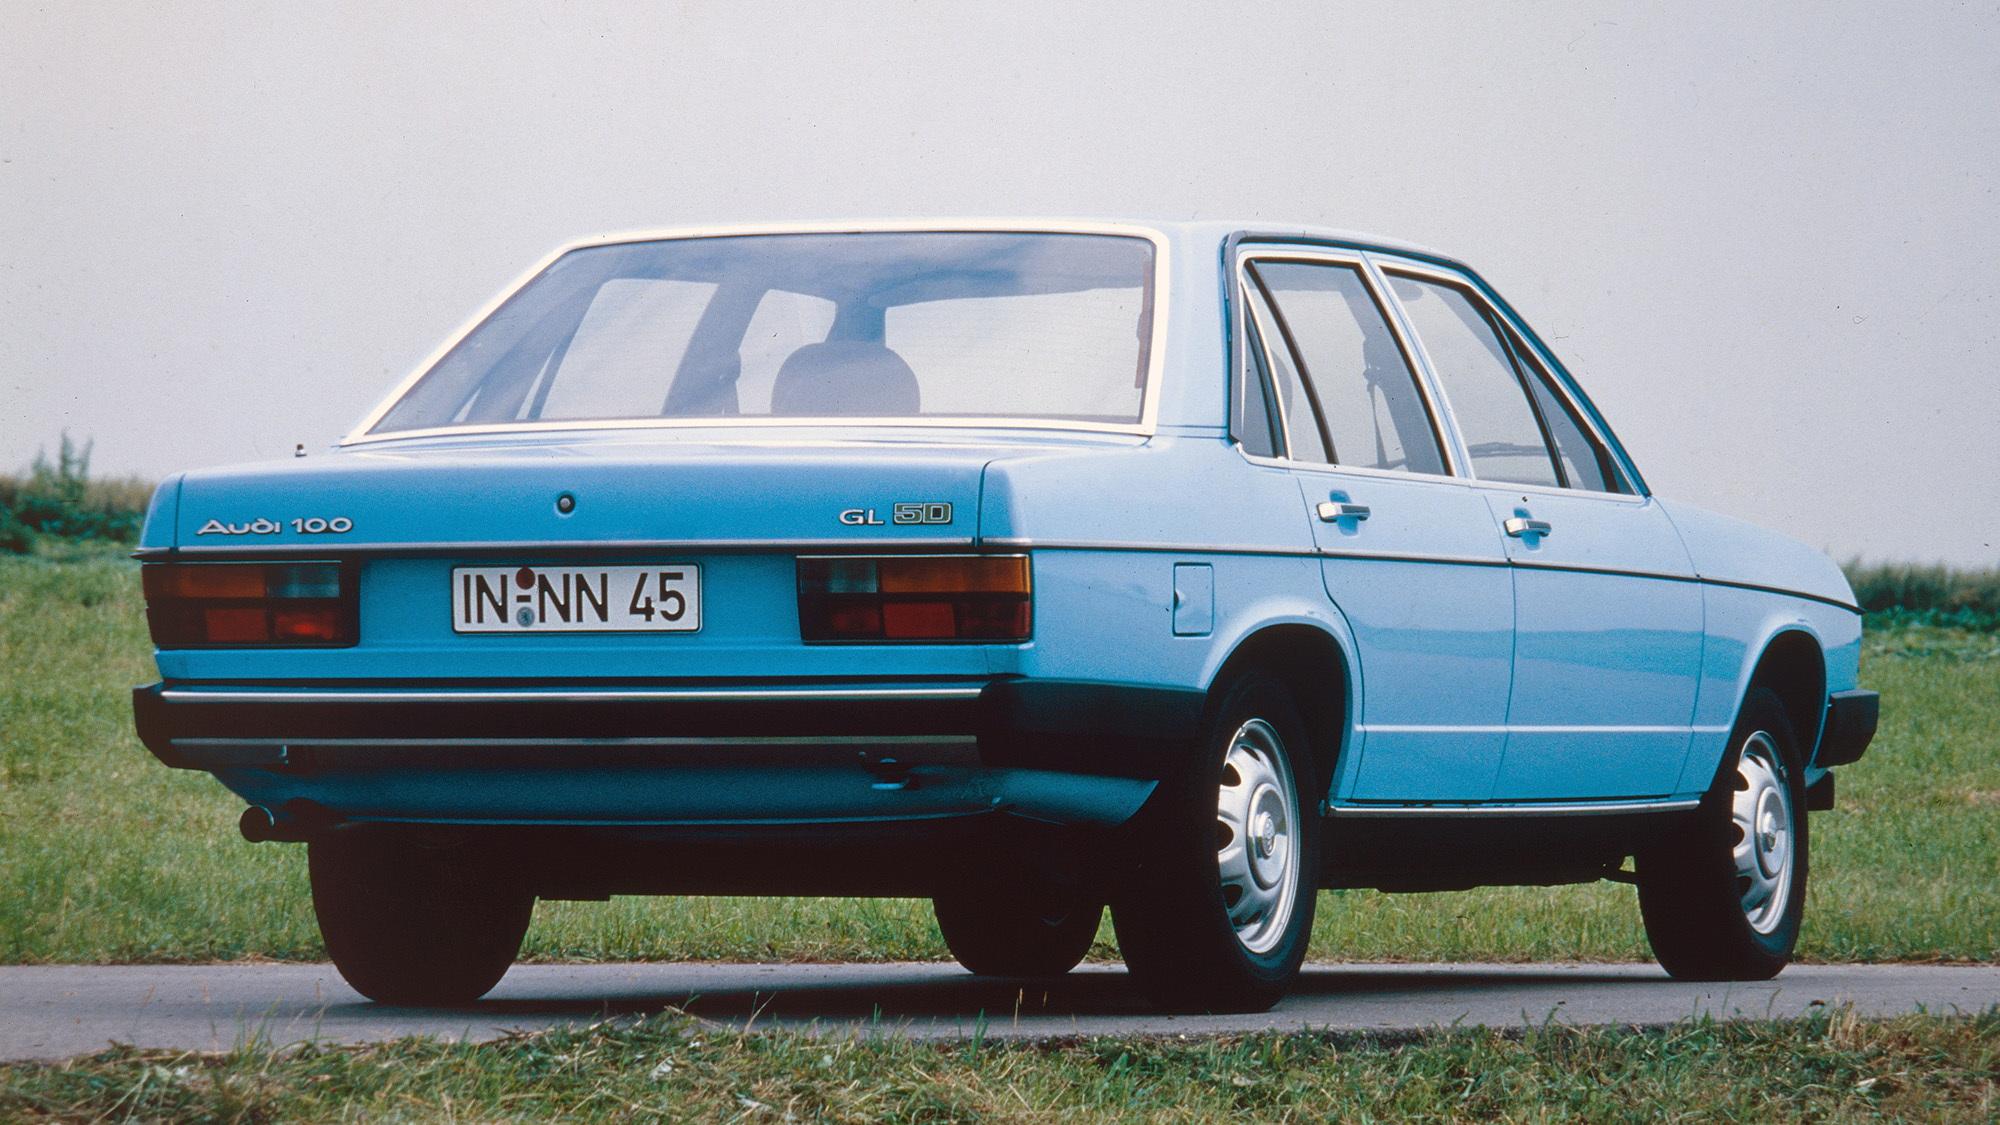 1978 Audi 100 GL 5D